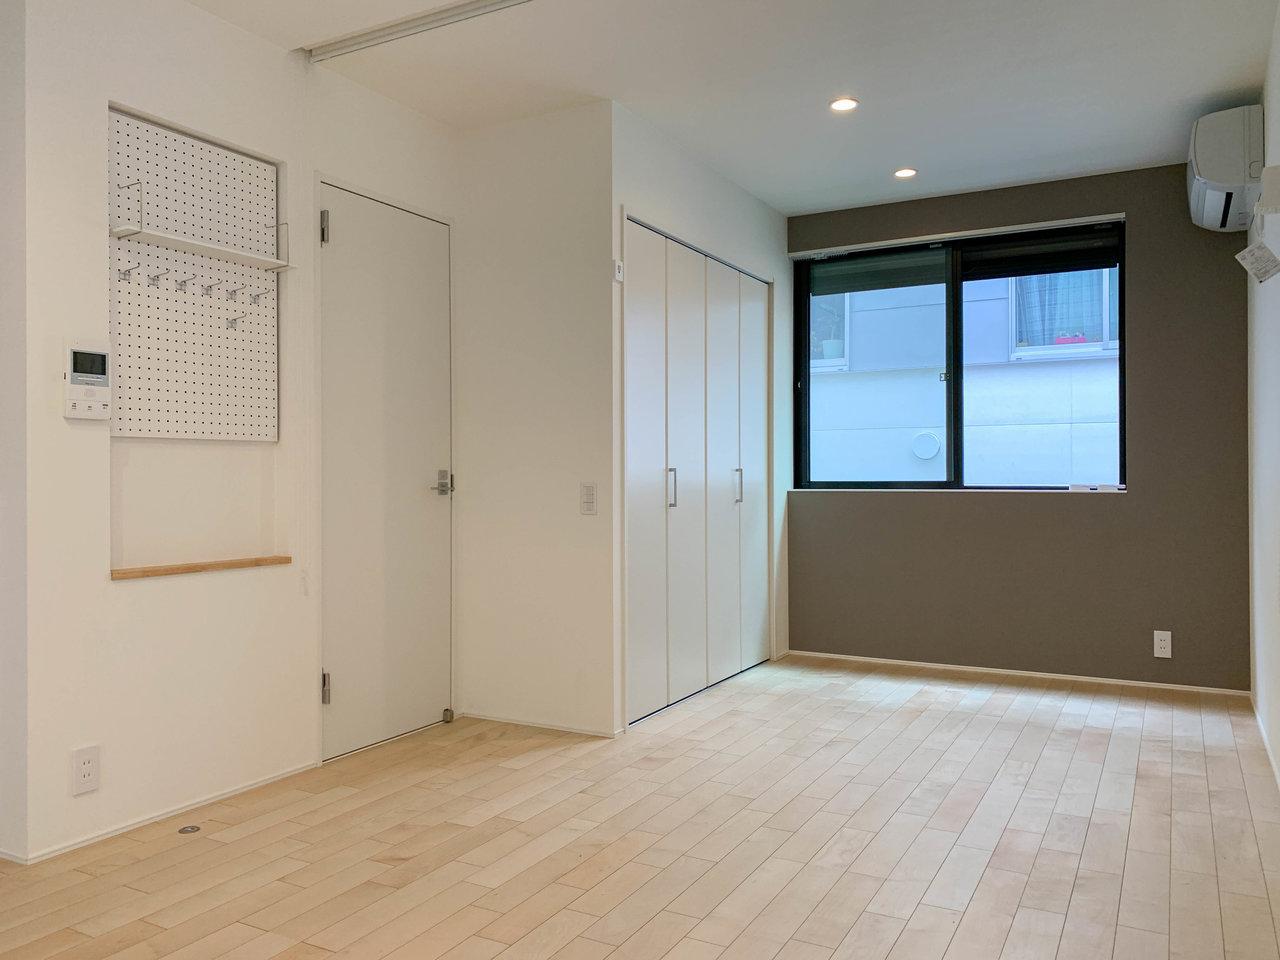 部屋奥にある収納スペースも広々としています。手前はシューズボックスと有孔ボード。飾り棚にしたり、カギなどの実用品を保管する場所にしたり。使い勝手はいろいろ!